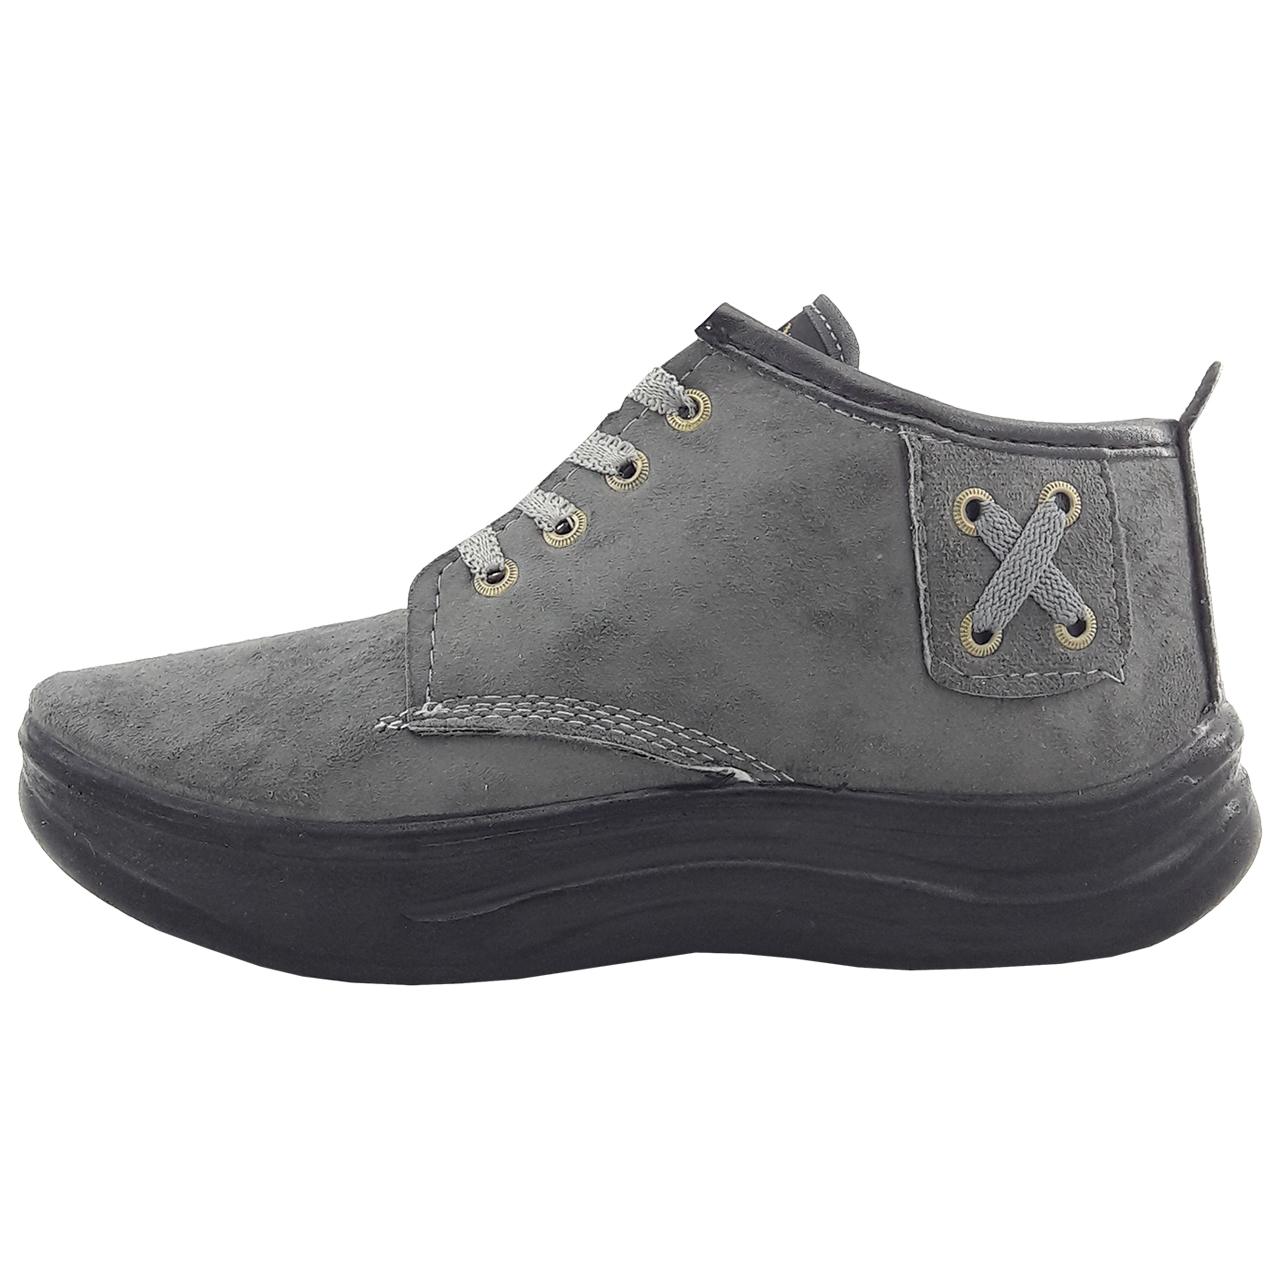 کفش کوهنوردی مردانه مدل P.g.a.X.gry-01